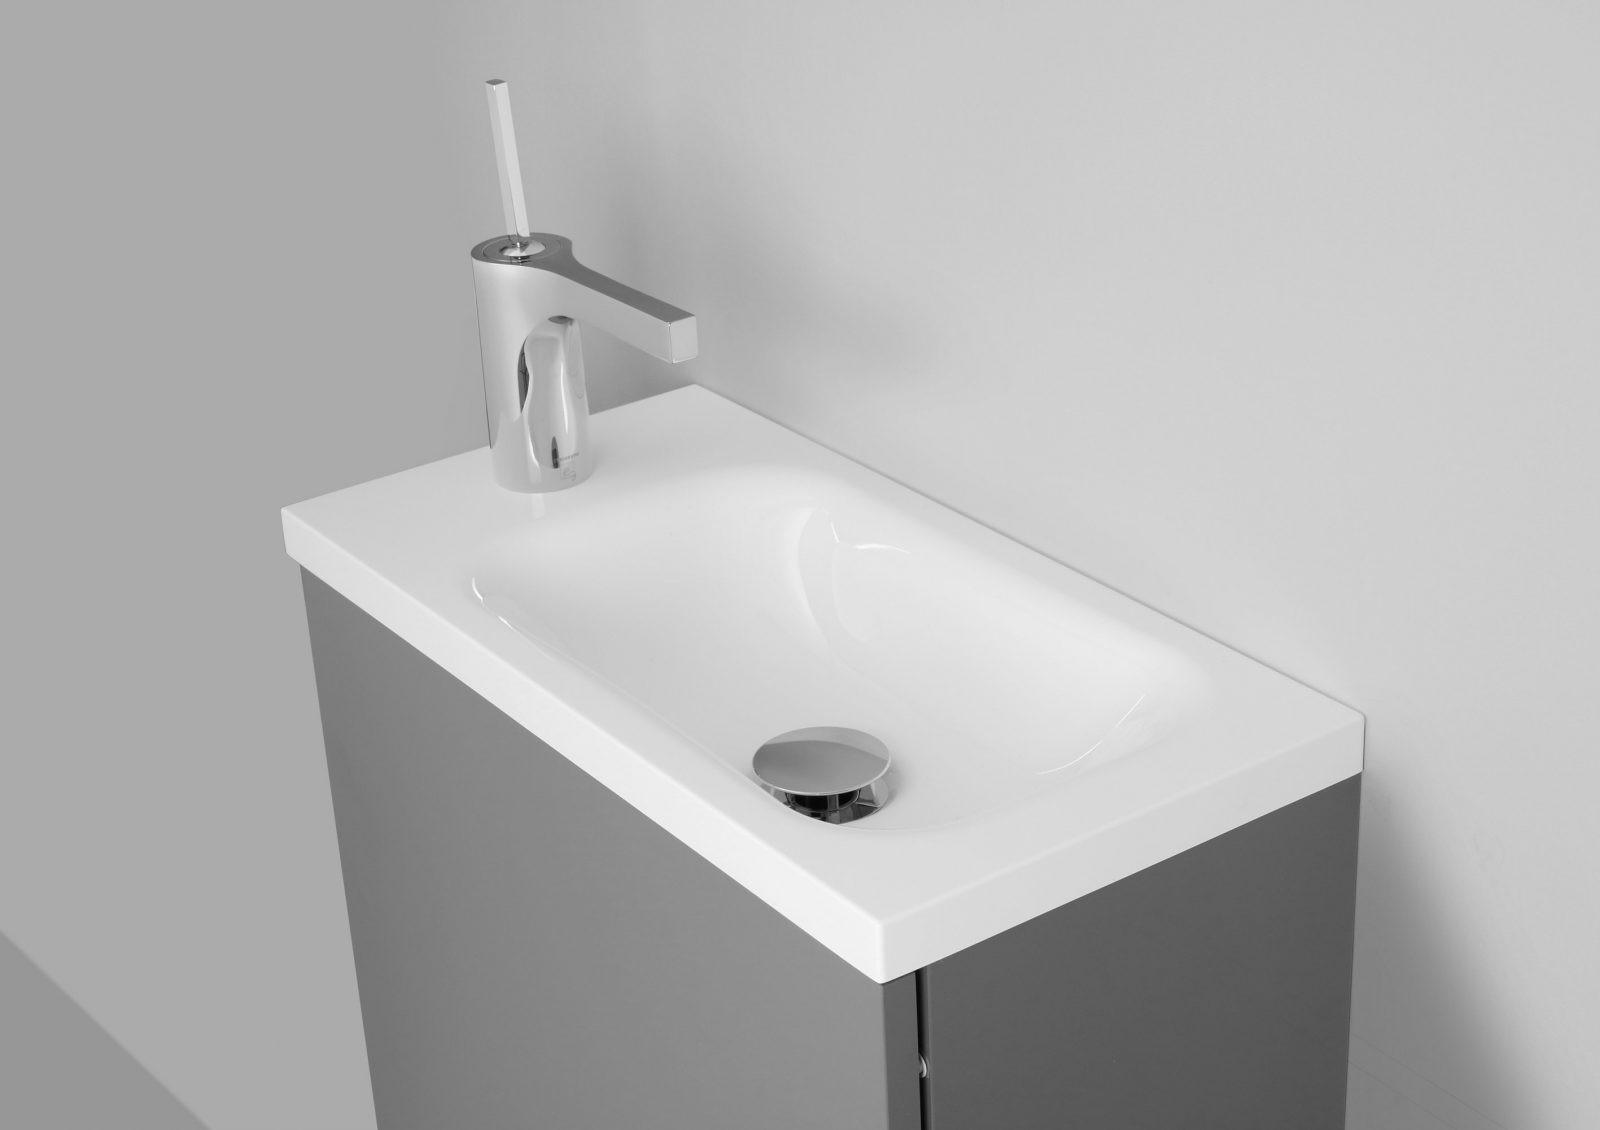 Gäste Wc Waschbecken Mit Unterschrank Made In Germany von Wc Waschtische Mit Unterschrank Bild